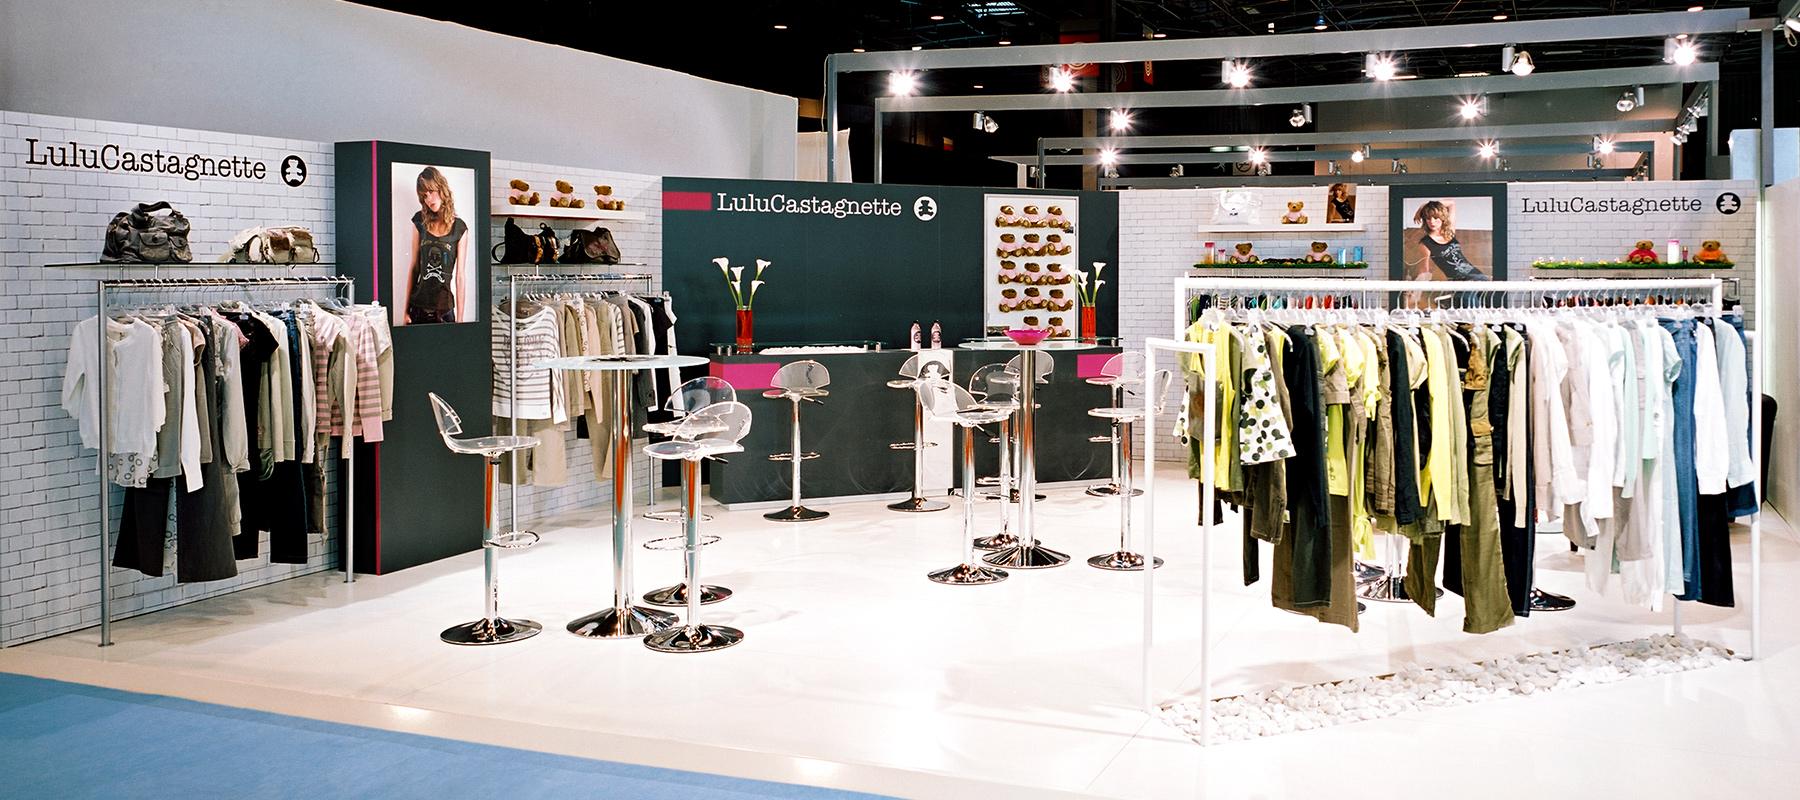 Création de stand d'exposition pour Lulu Castagnette